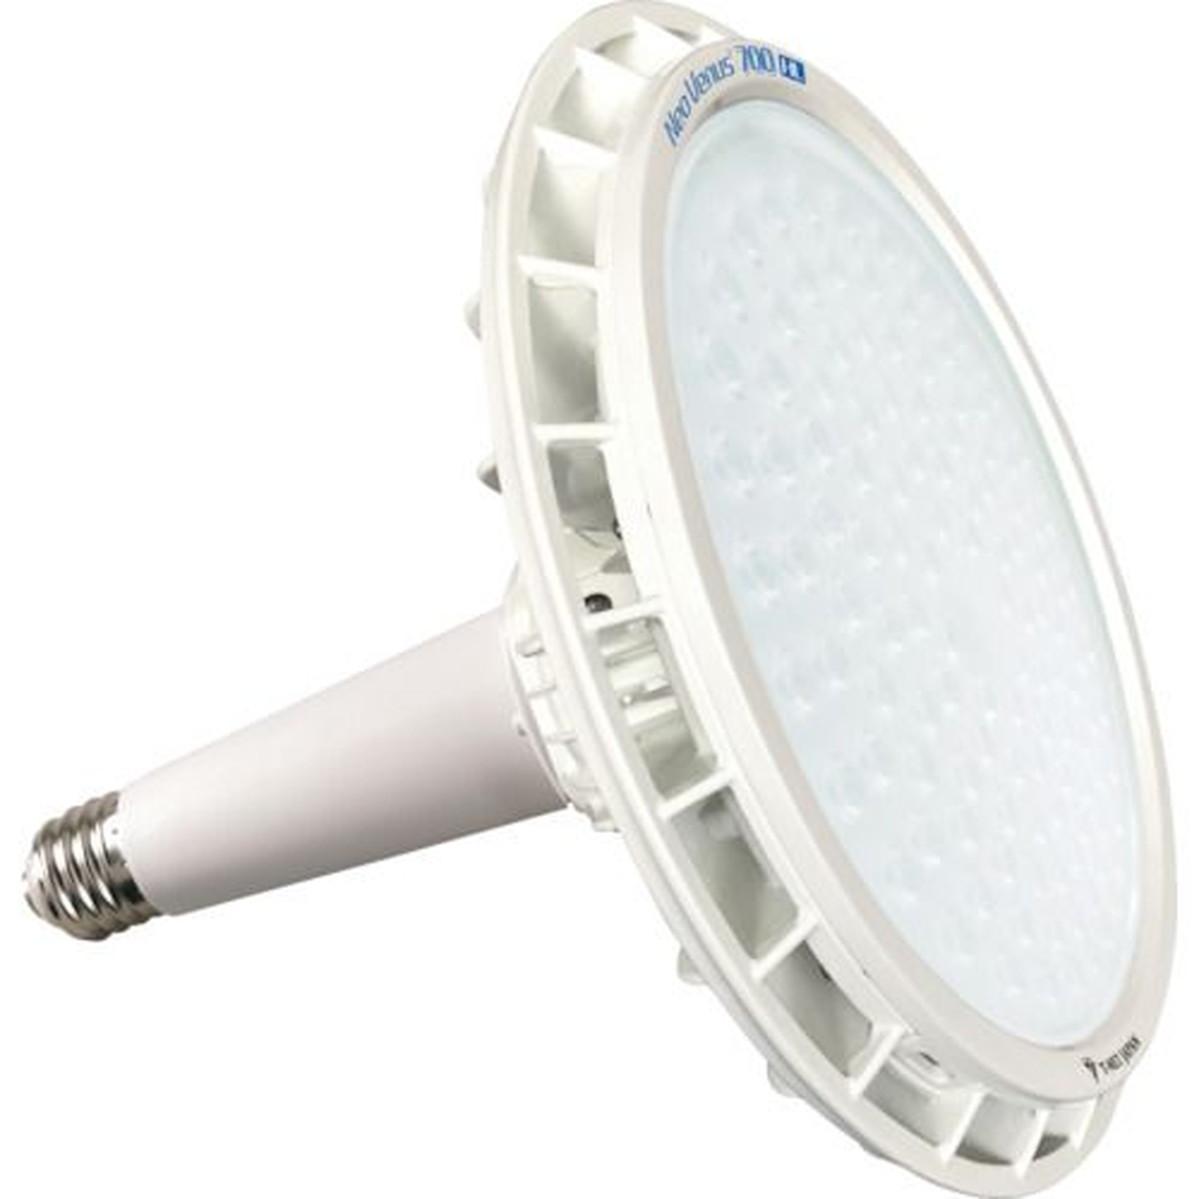 【2021?新作】 T-NET NT700 ソケット型 レンズ可変仕様 電源外付 60° 昼白色 1台, パーティーコレクション クレア 1612f5ec